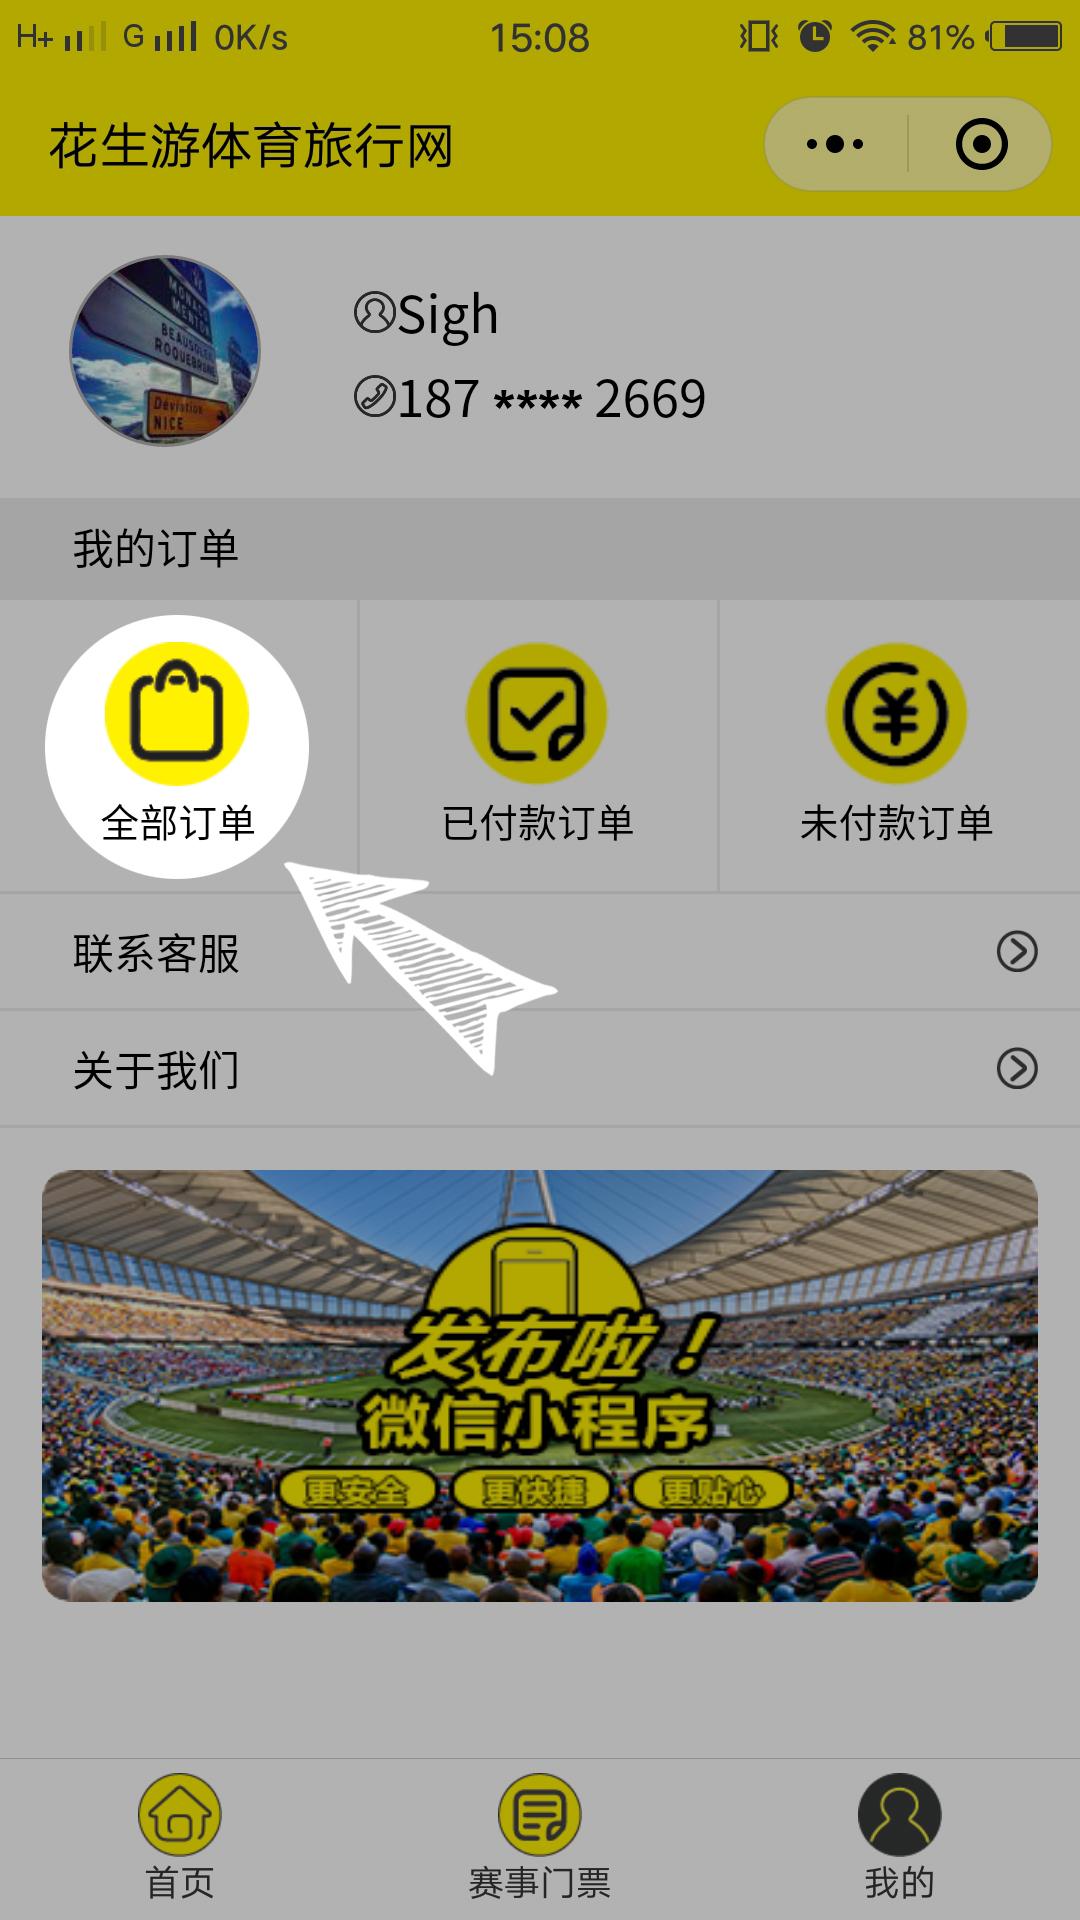 花生游体育旅行网小程序截图